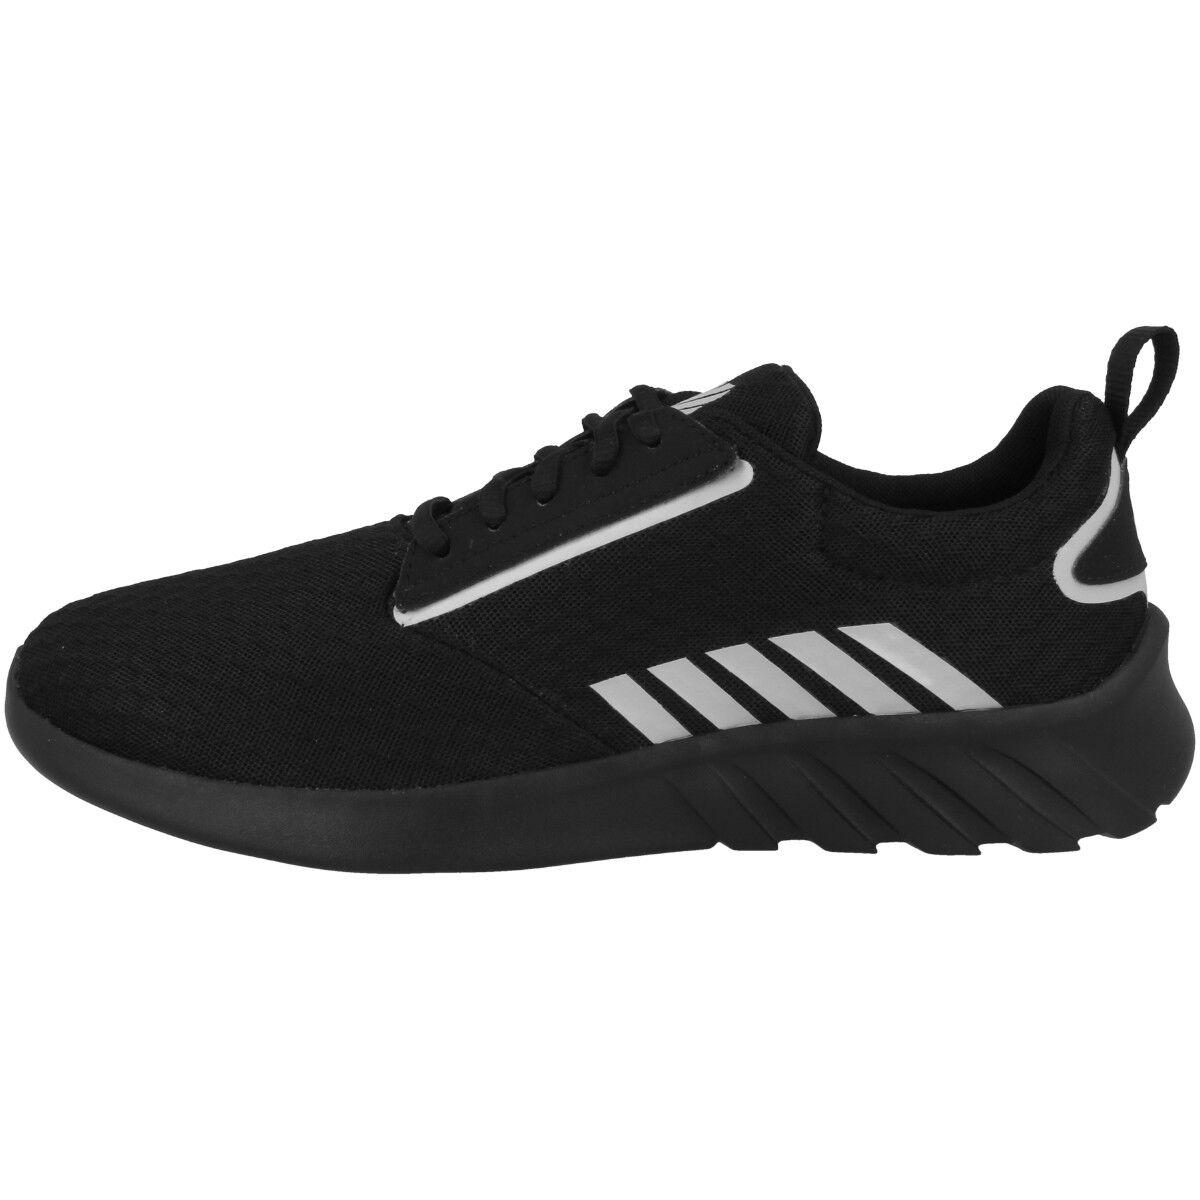 K-Swiss Aeronaut Men Men Men cortos caballero deporte zapatos casual zapatillas de deporte 05618-060  calidad fantástica